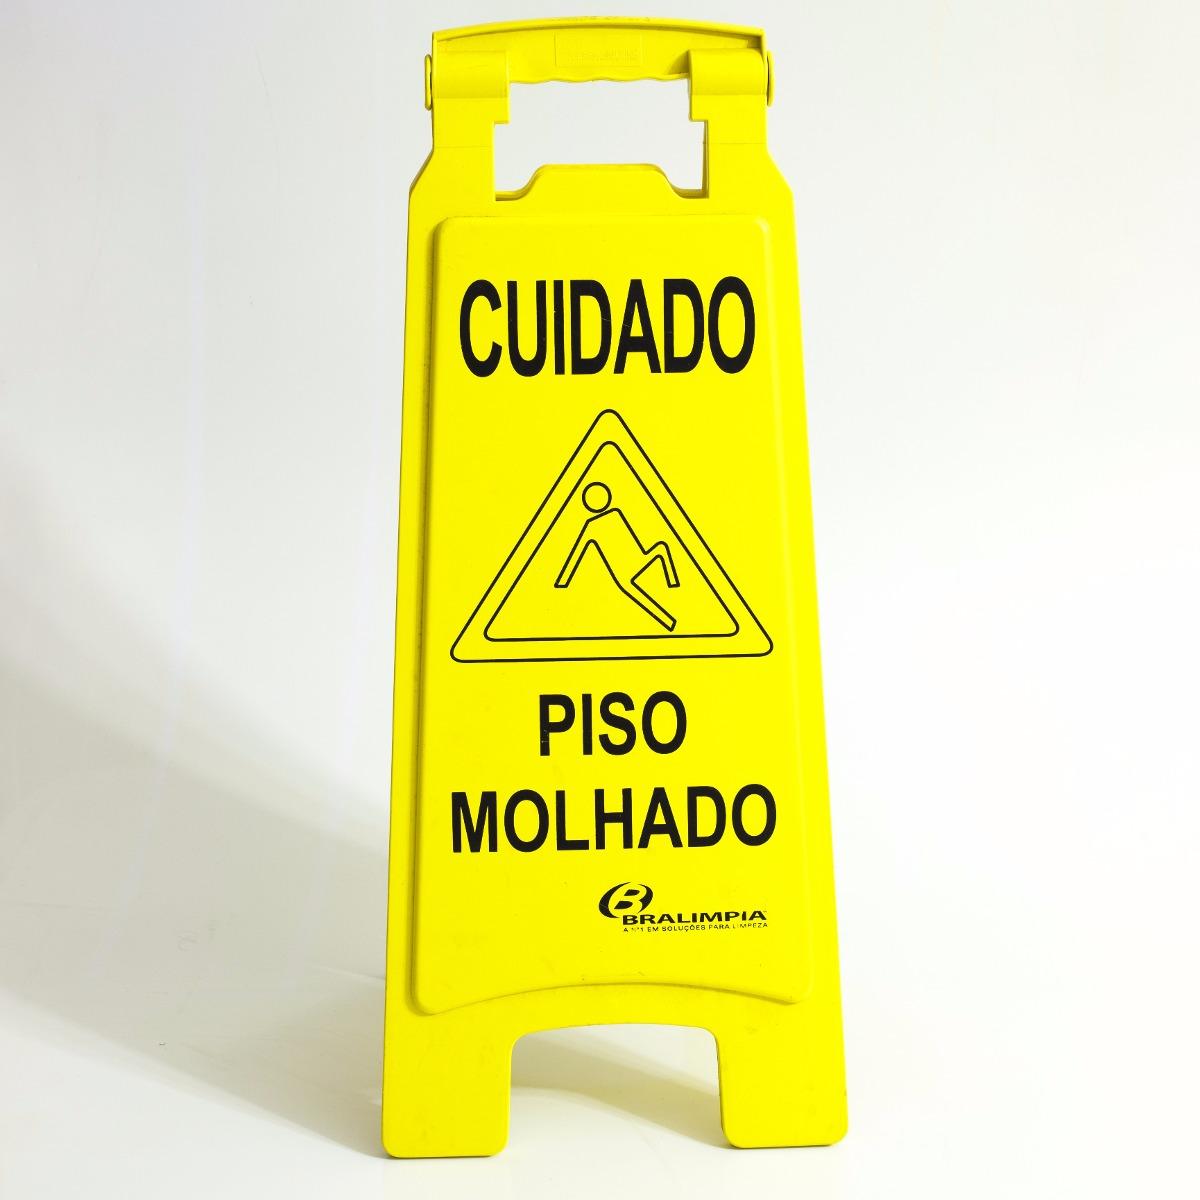 PLACA CUIDADO PISO MOLHADO MVPL2000 BRALIMPIA